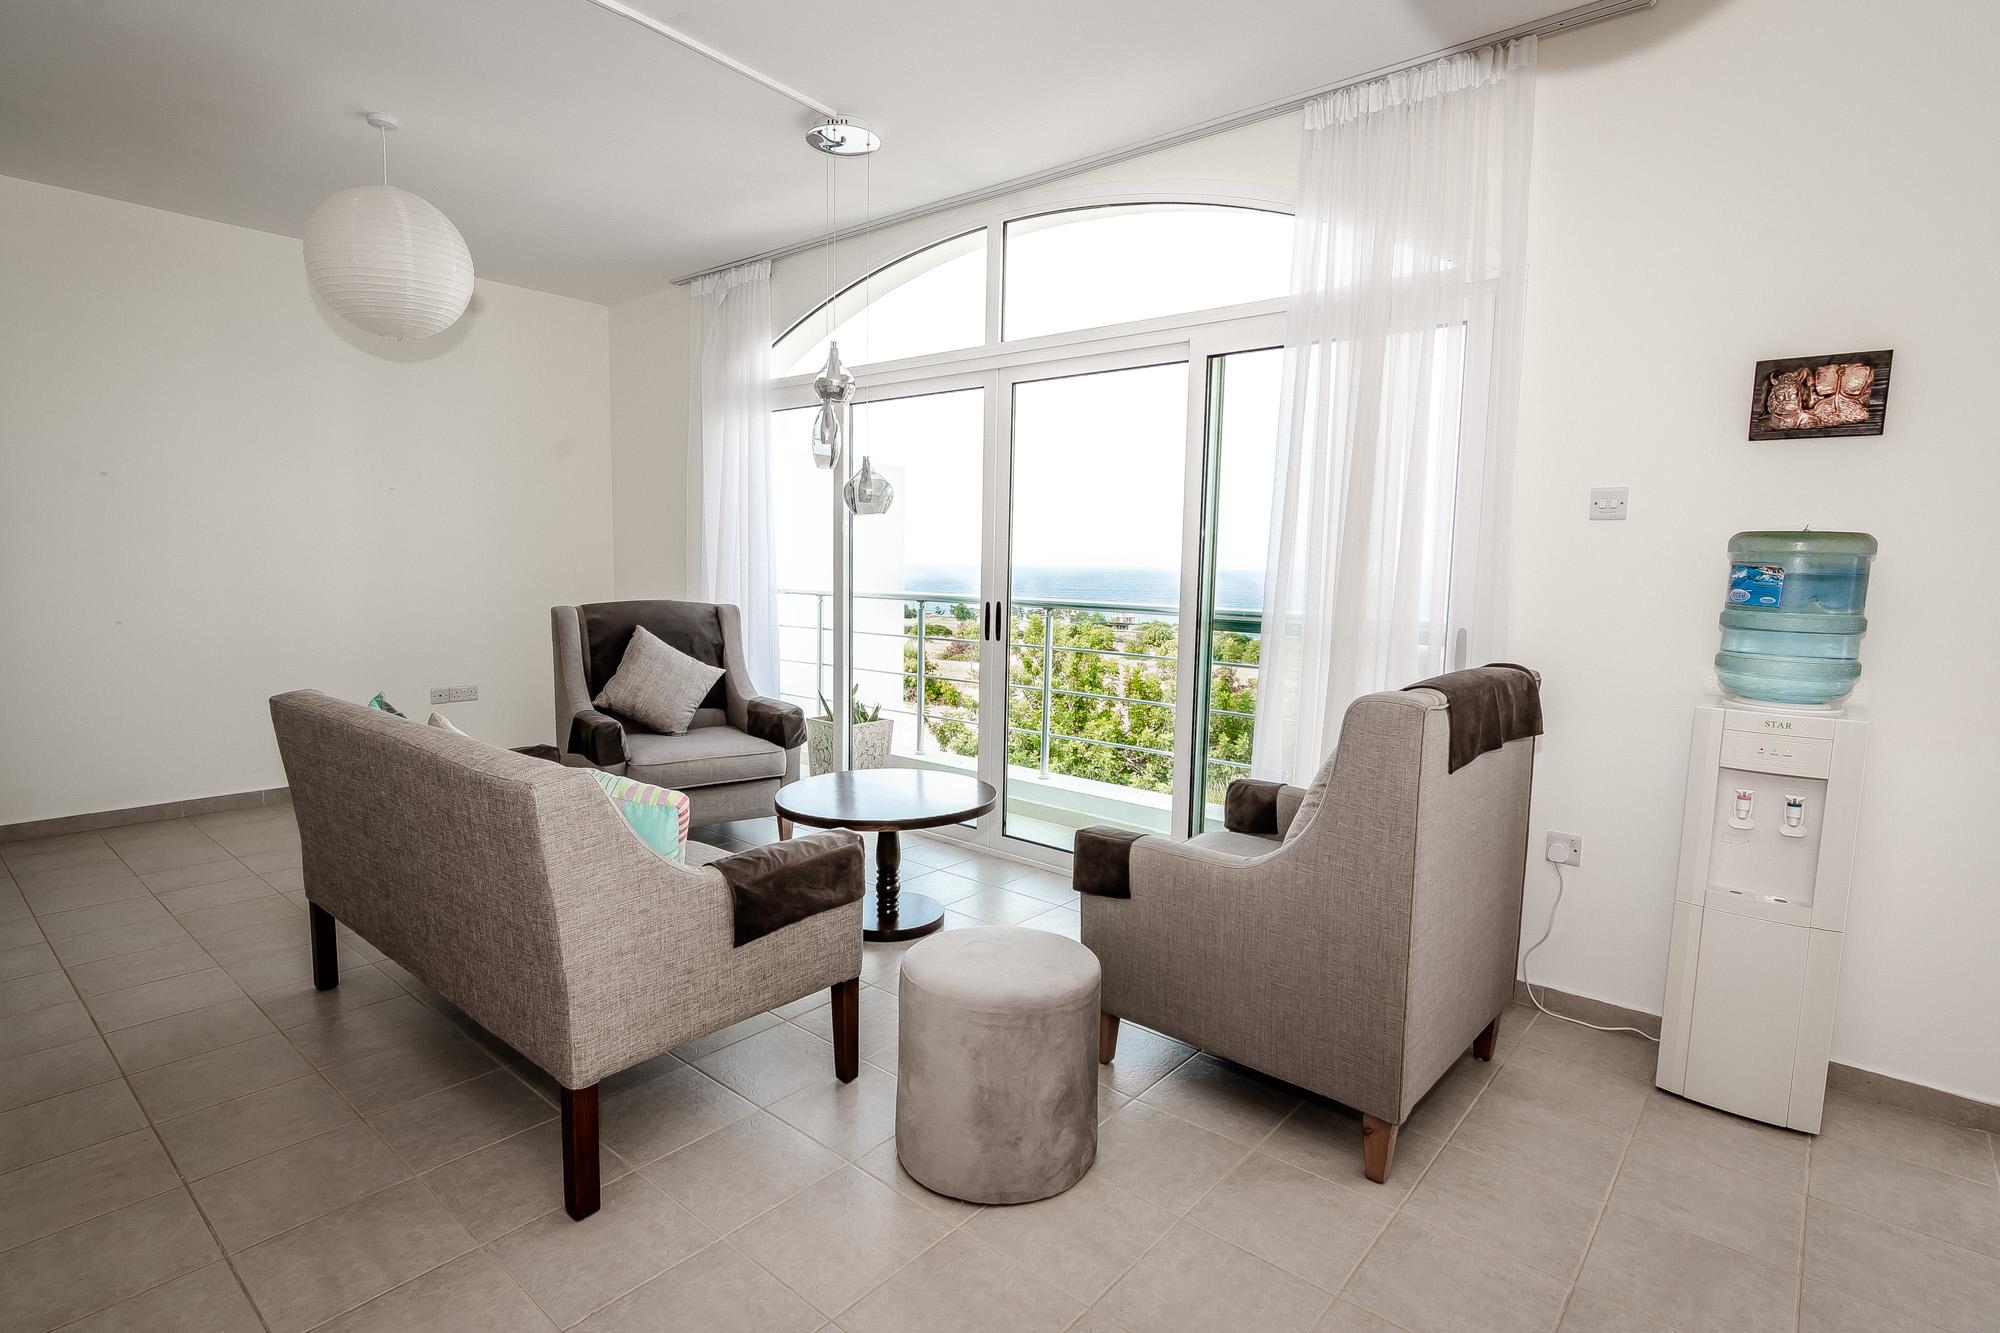 Apartment Joya Cyprus Moonlit Penthouse Apartment photo 20278394